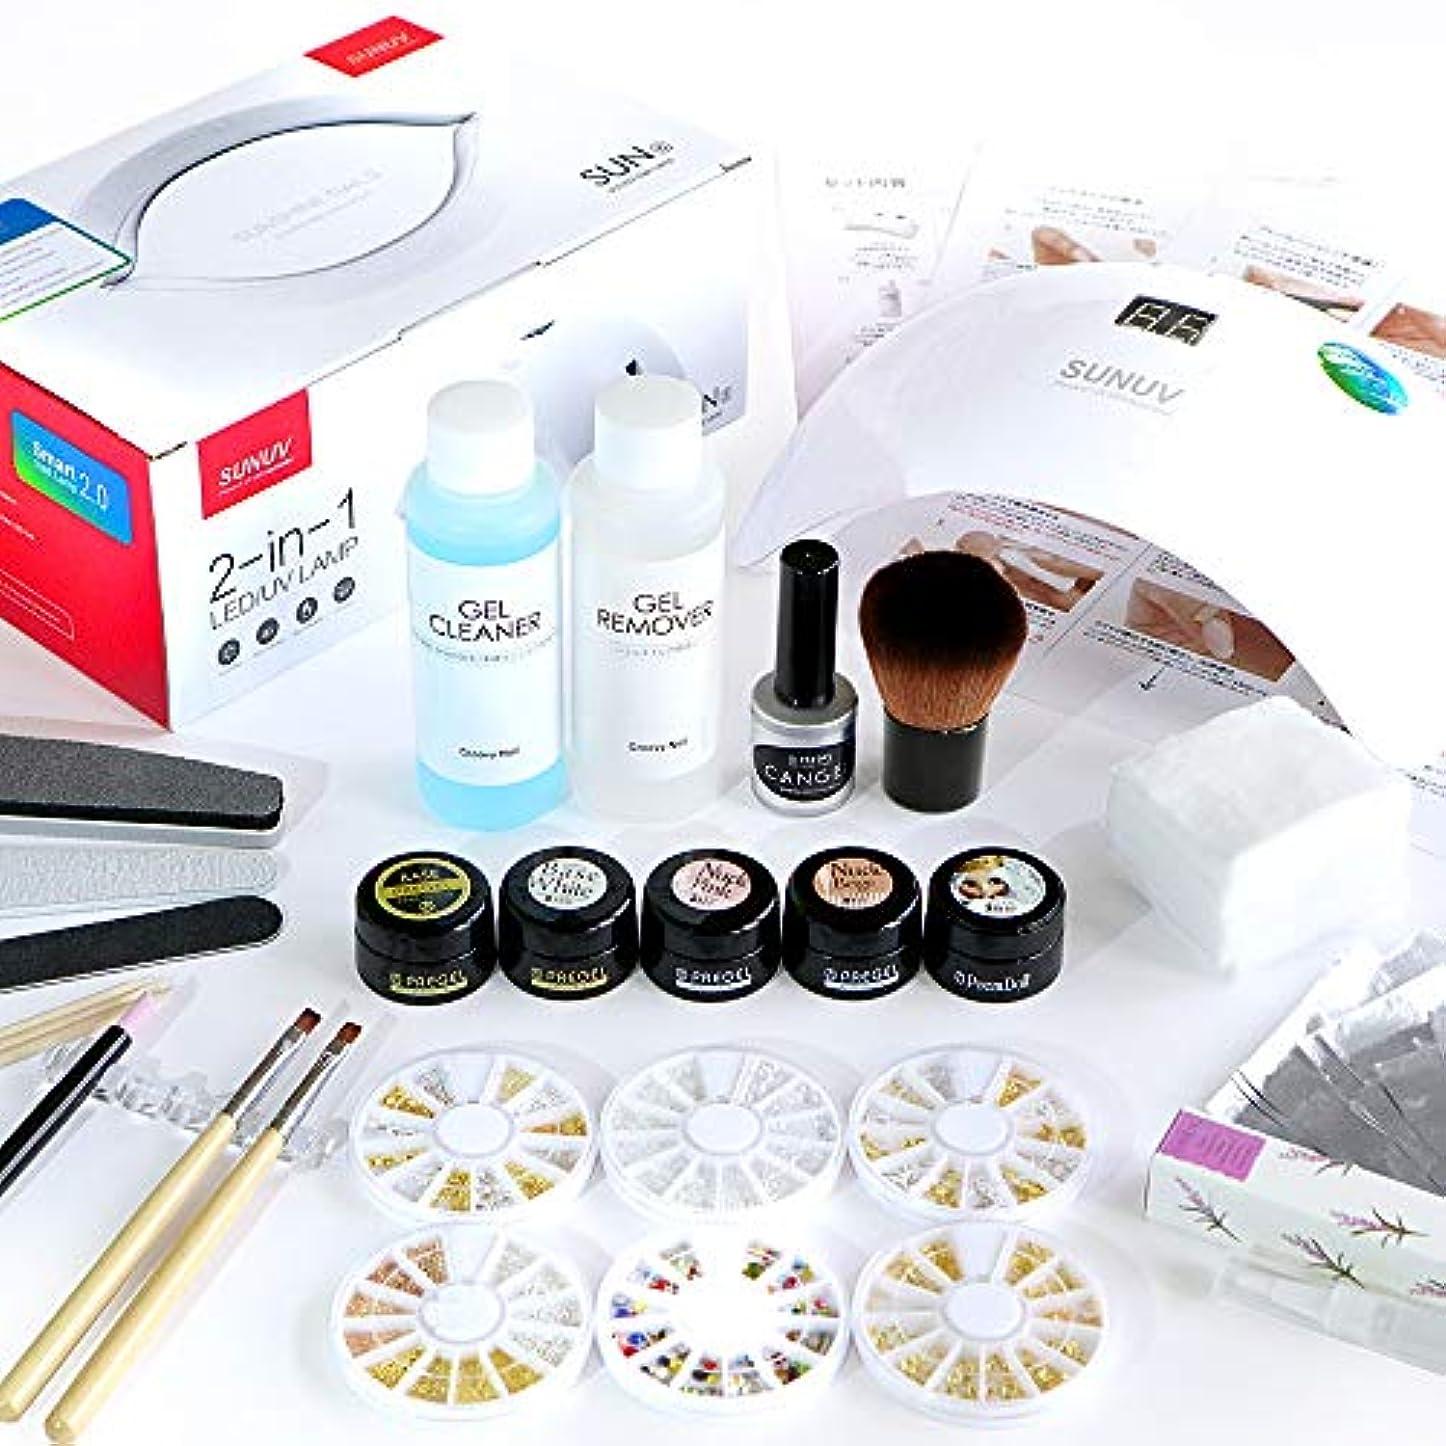 常識邪魔する南PREGEL プリジェル ジェルネイル スターターキット 日本製カラージェル4色+LEDライト48W ネイルアート 初心者におすすめ